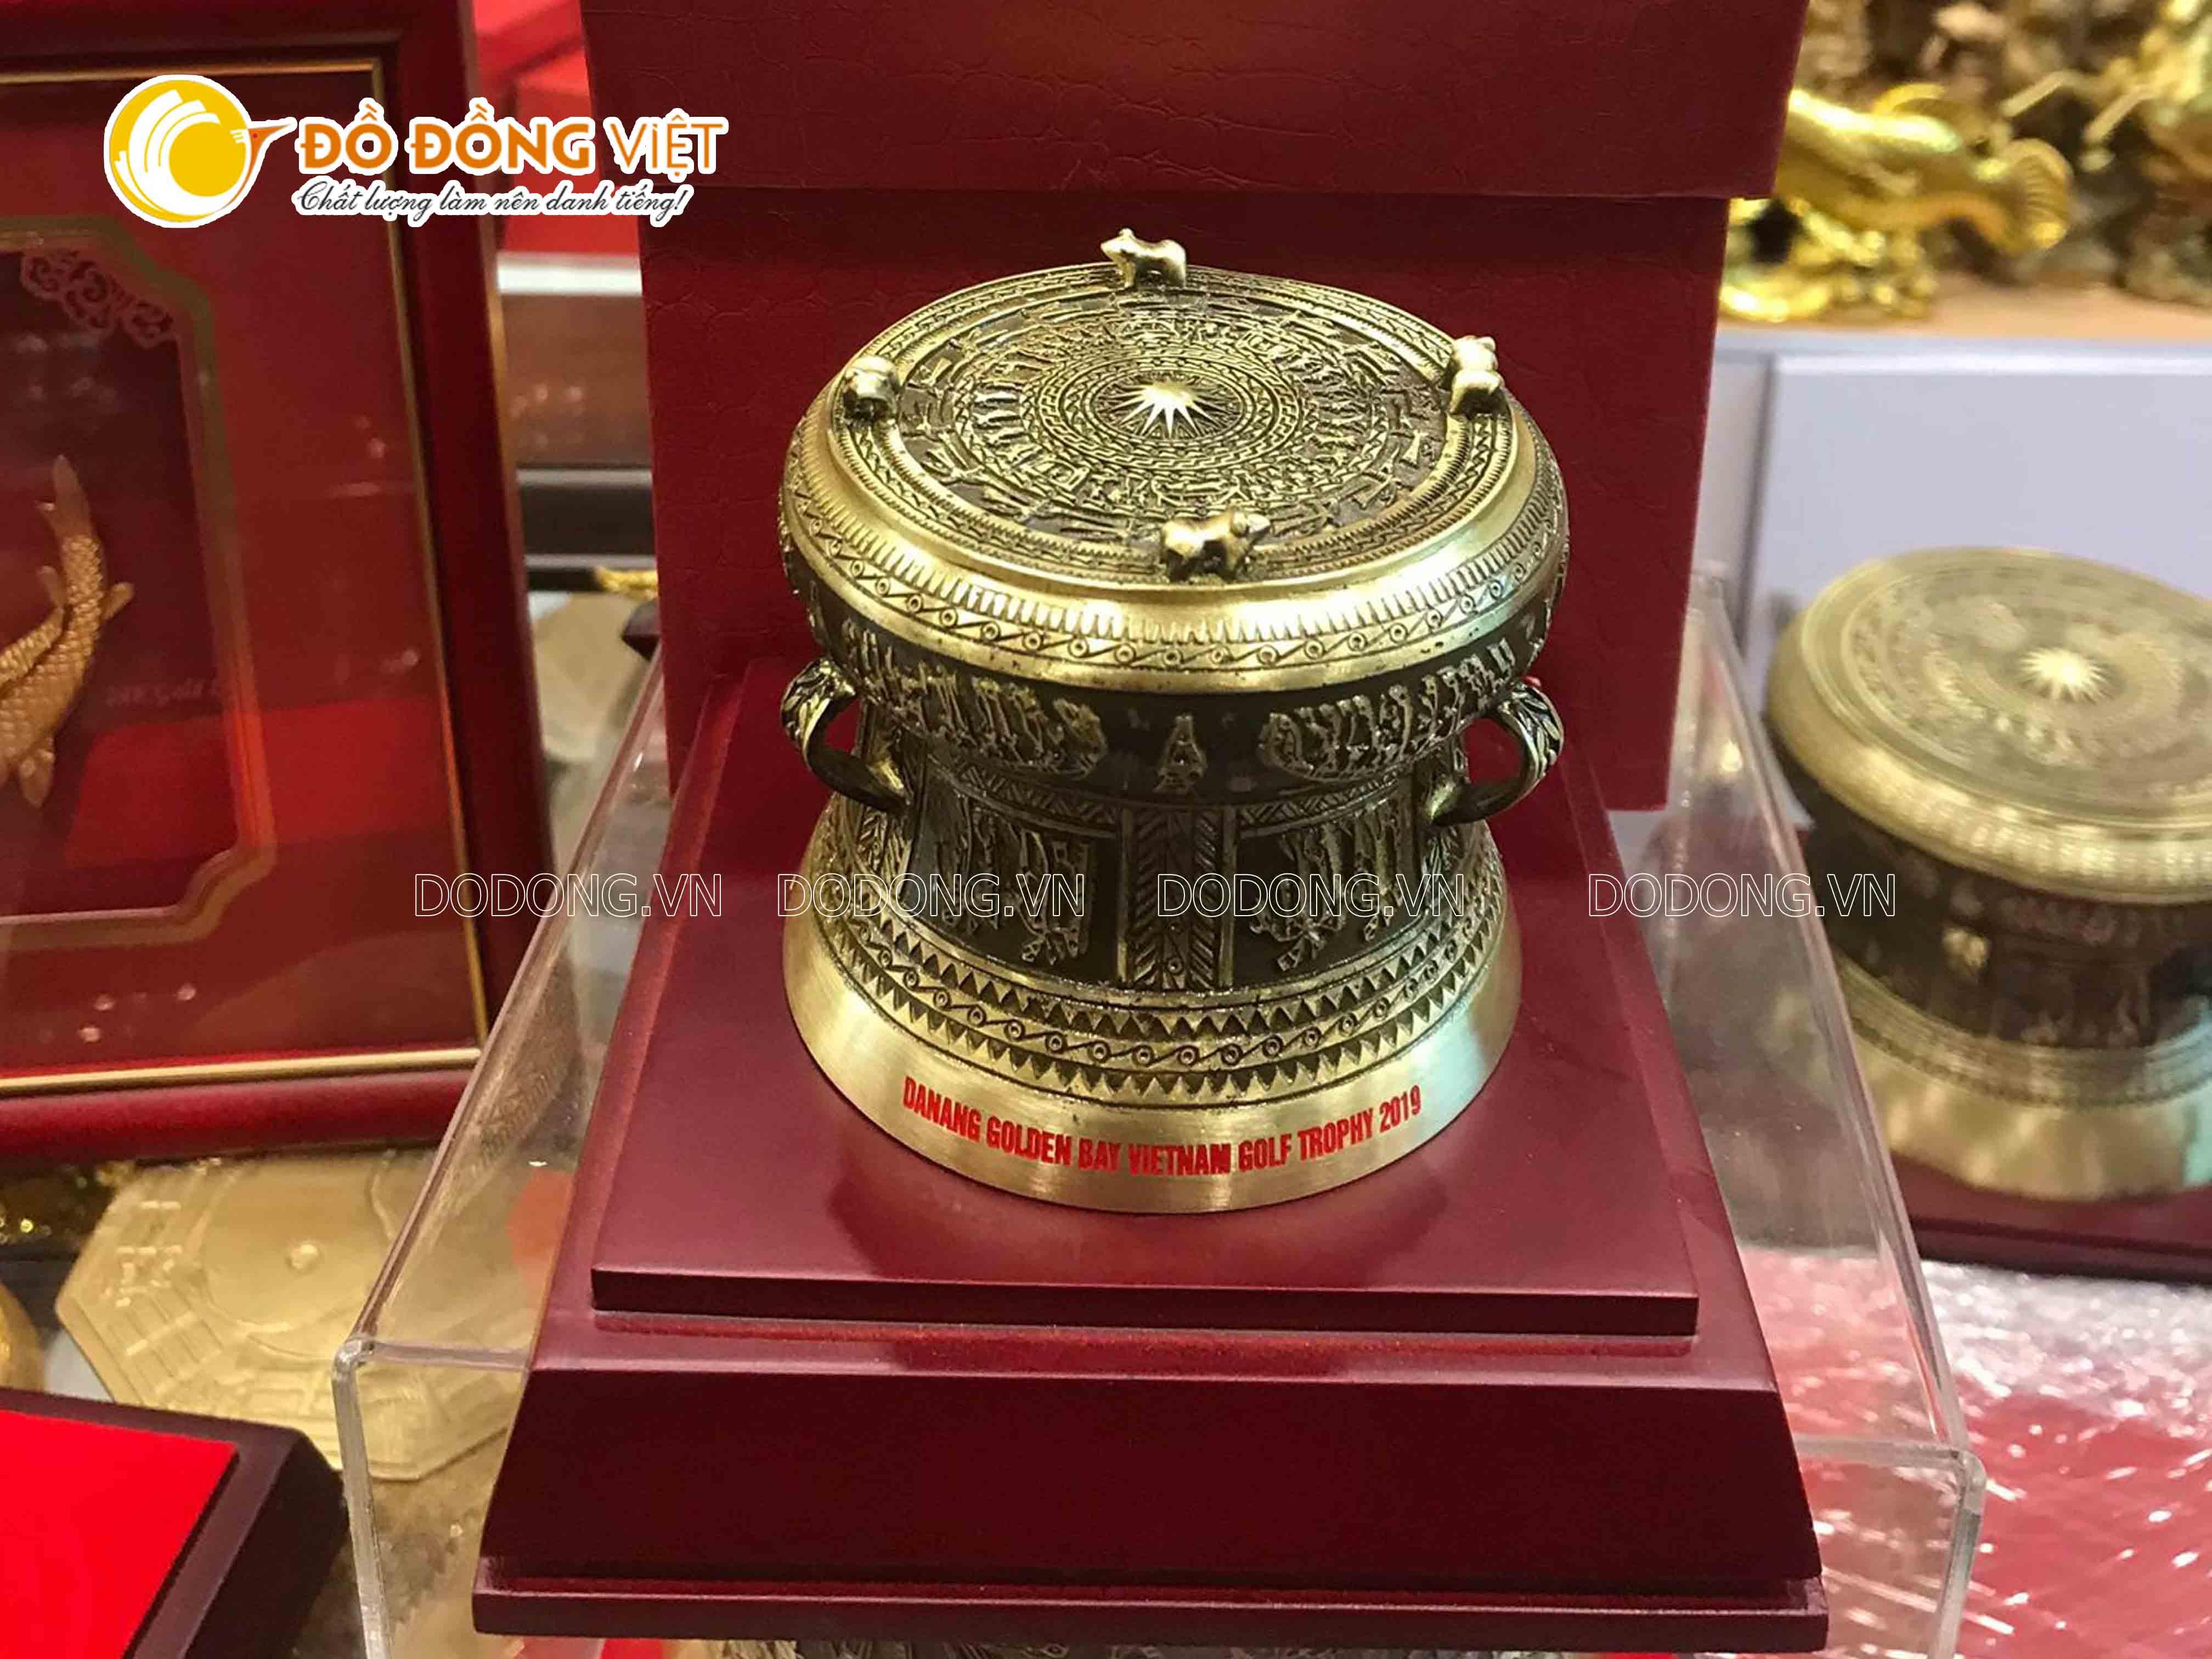 Đồ Đồng Việt giới thiệu sản phẩm trống đồng lưu niệm dk 12cm đẹp và rẻ